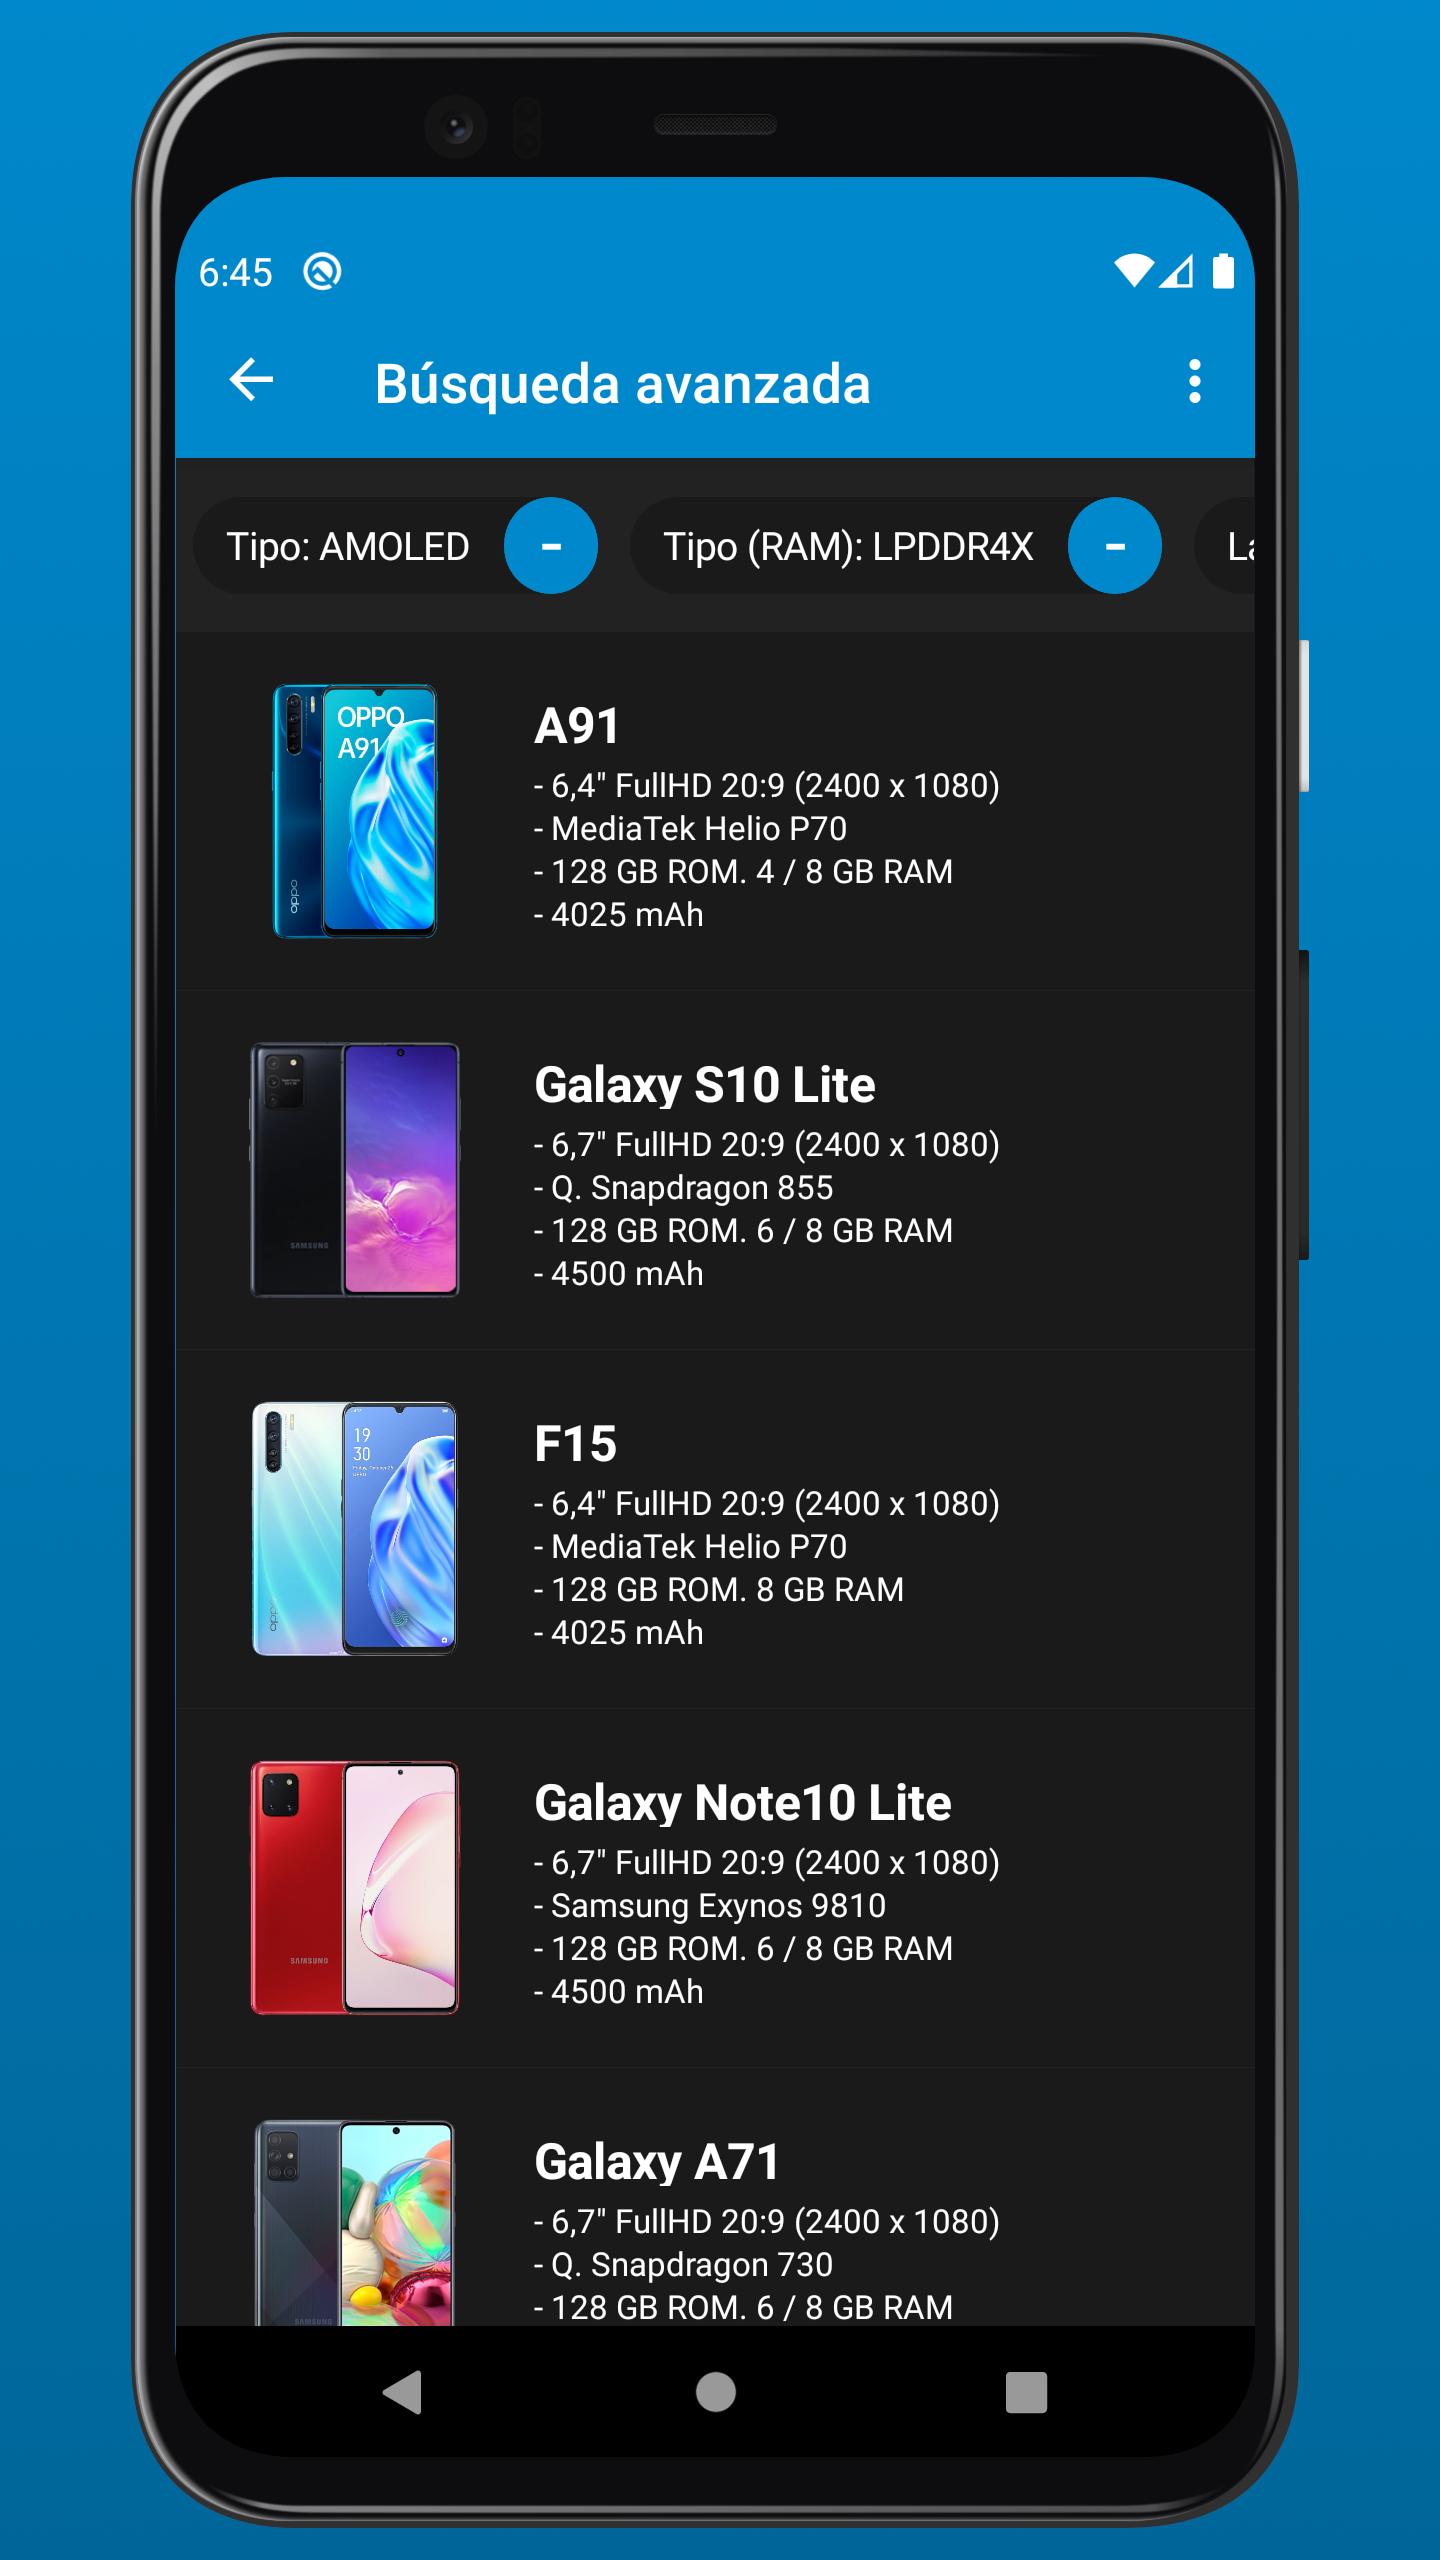 https://uares.blob.core.windows.net/app-mobilestudio/MobileStudio_And_ES_7.png